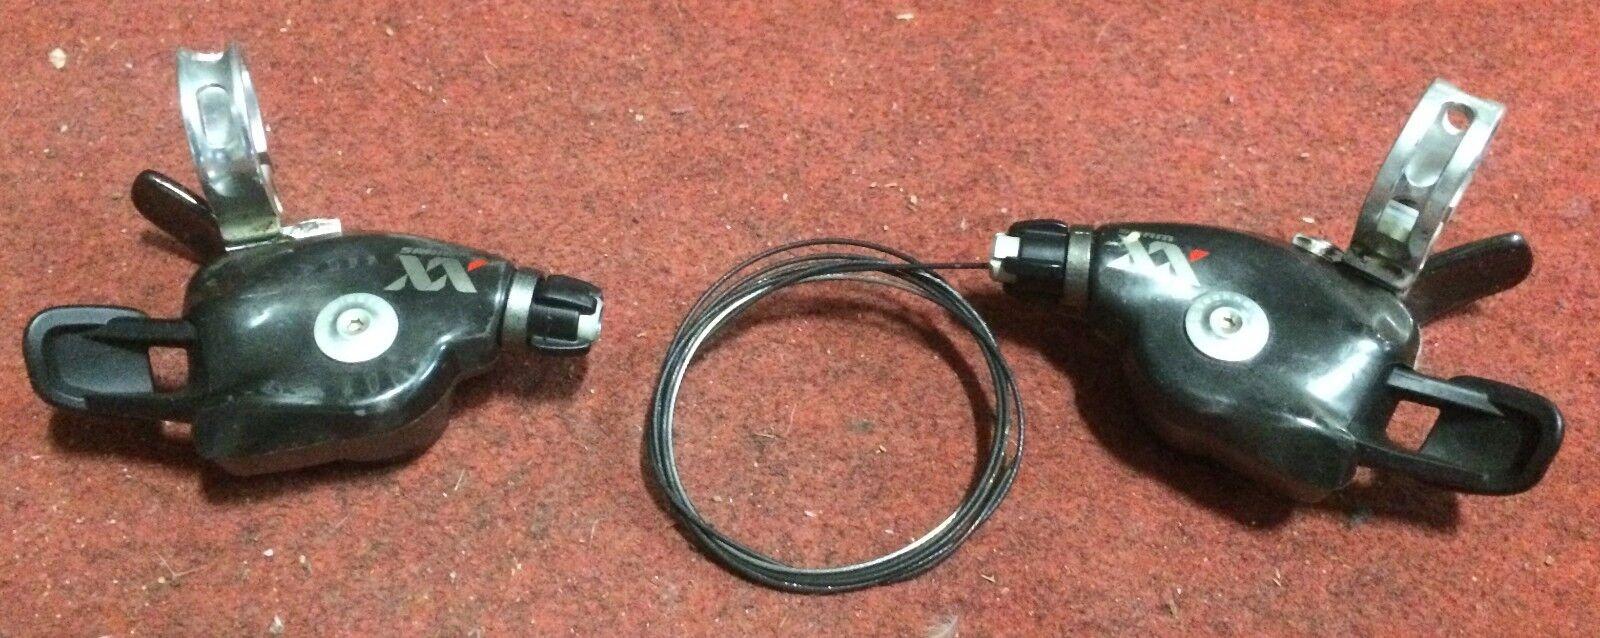 Comandi cambio bici Sram XX 10x2 trigger post ant mountain bike r f derailleur